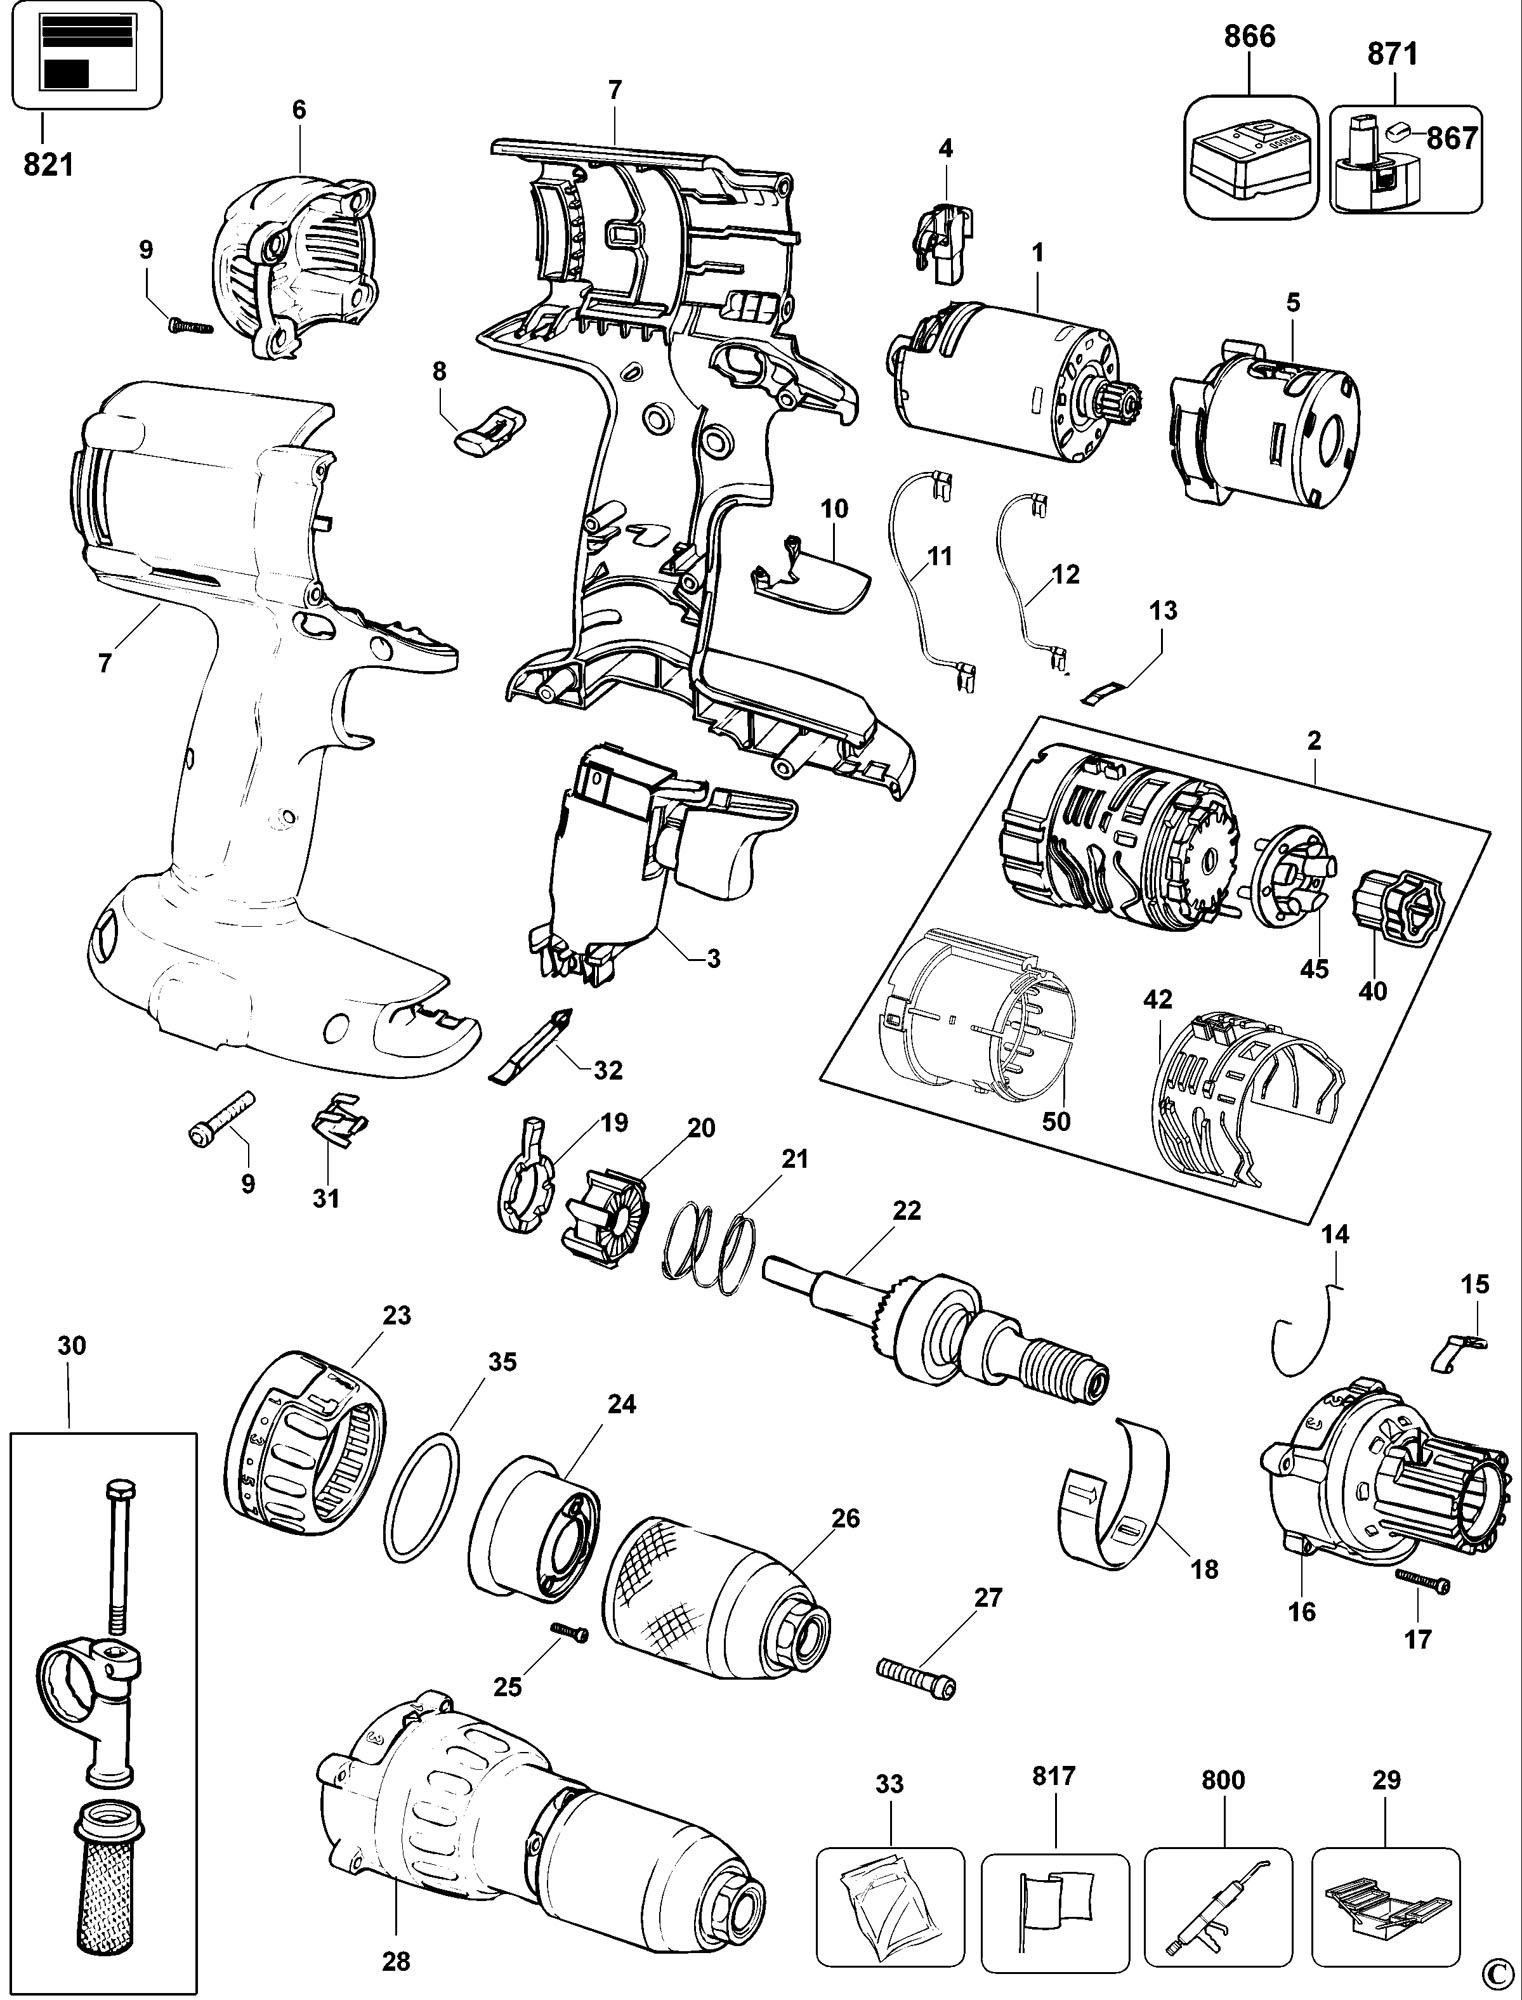 Spares for Dewalt Dc988k Combination Unit (type 11) SPARE